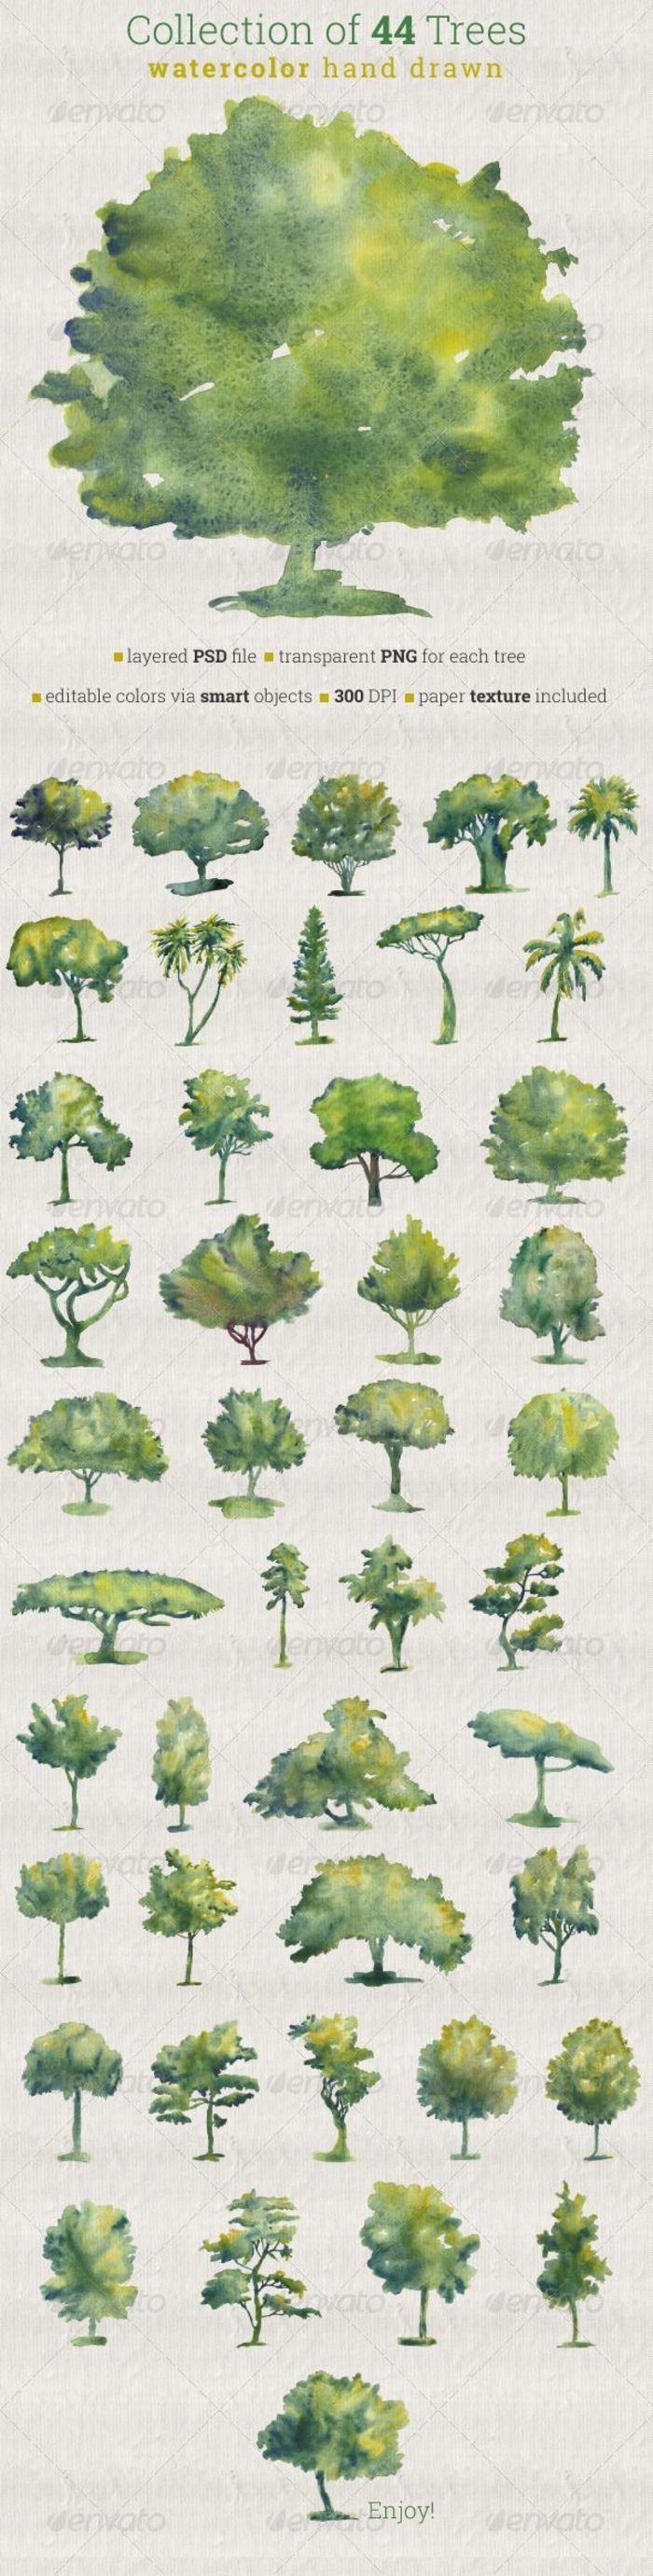 各种树水彩画的体现方式!在国外网站看到的。